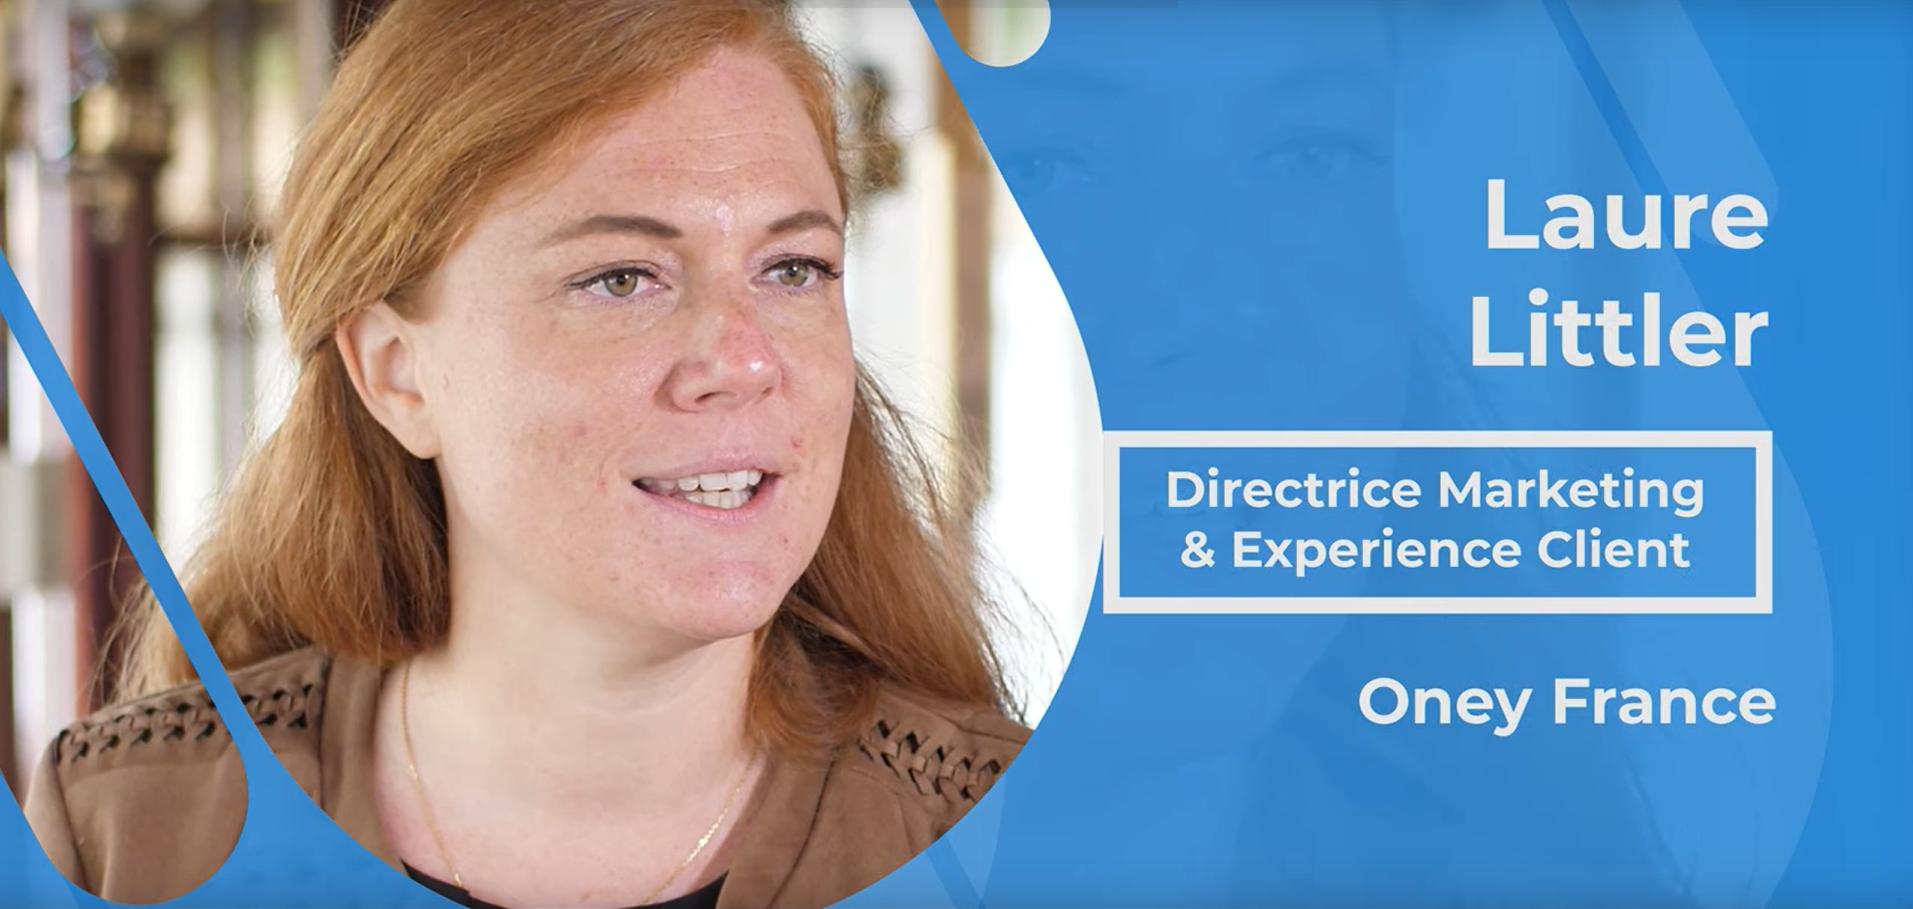 Actualités : Interview Laure Littler - Directrice Marketing et Experience Client chez Oney